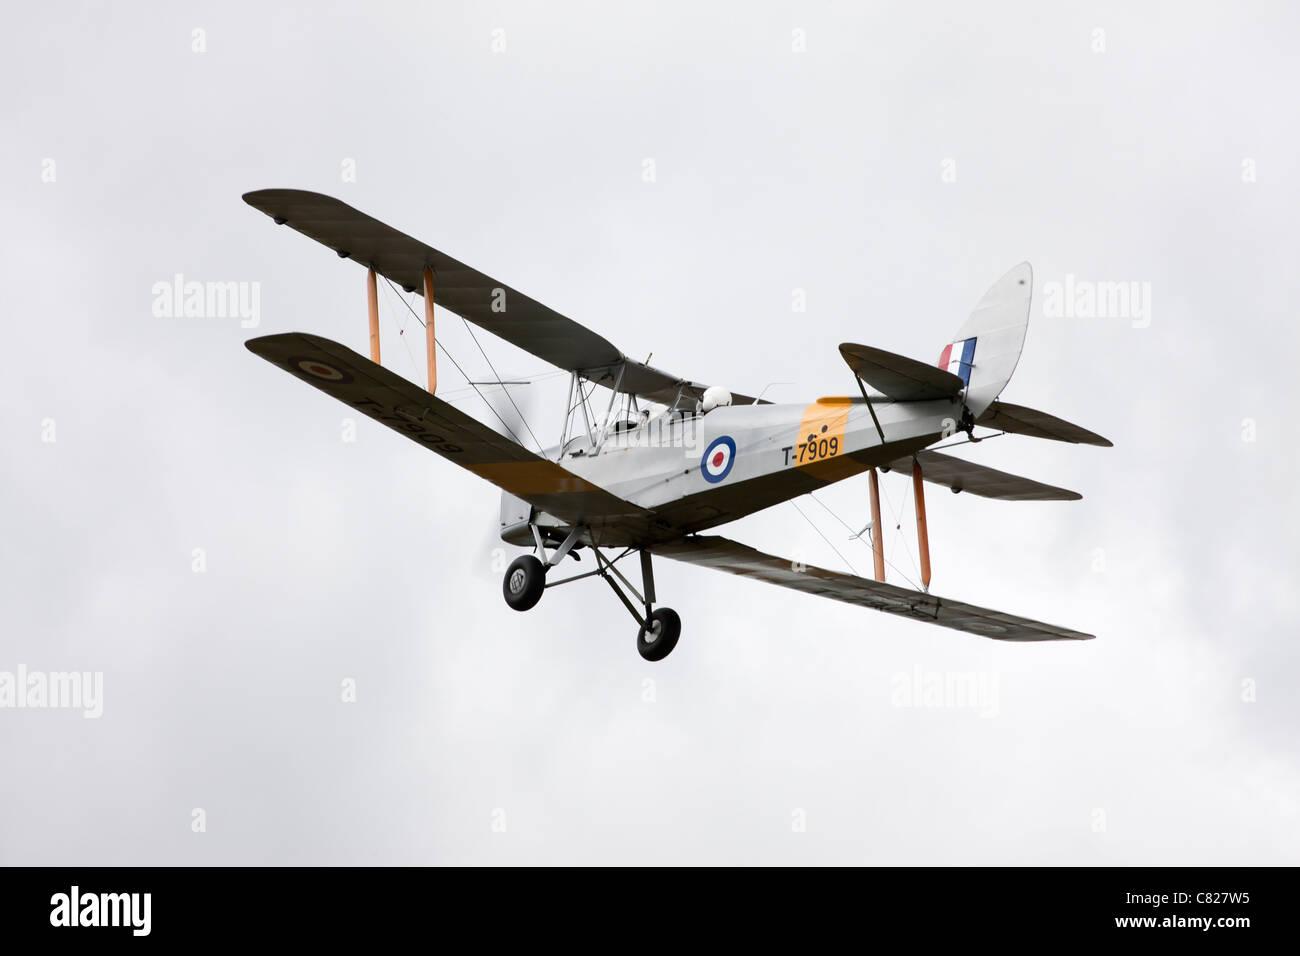 De Havilland DH82A Tiger Moth T7909 G-ANON in flight - Stock Image